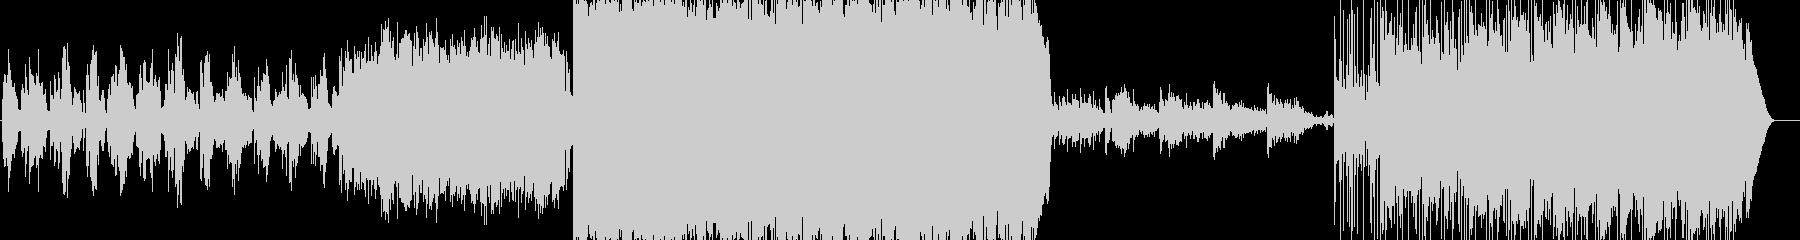 roam in octaveの未再生の波形